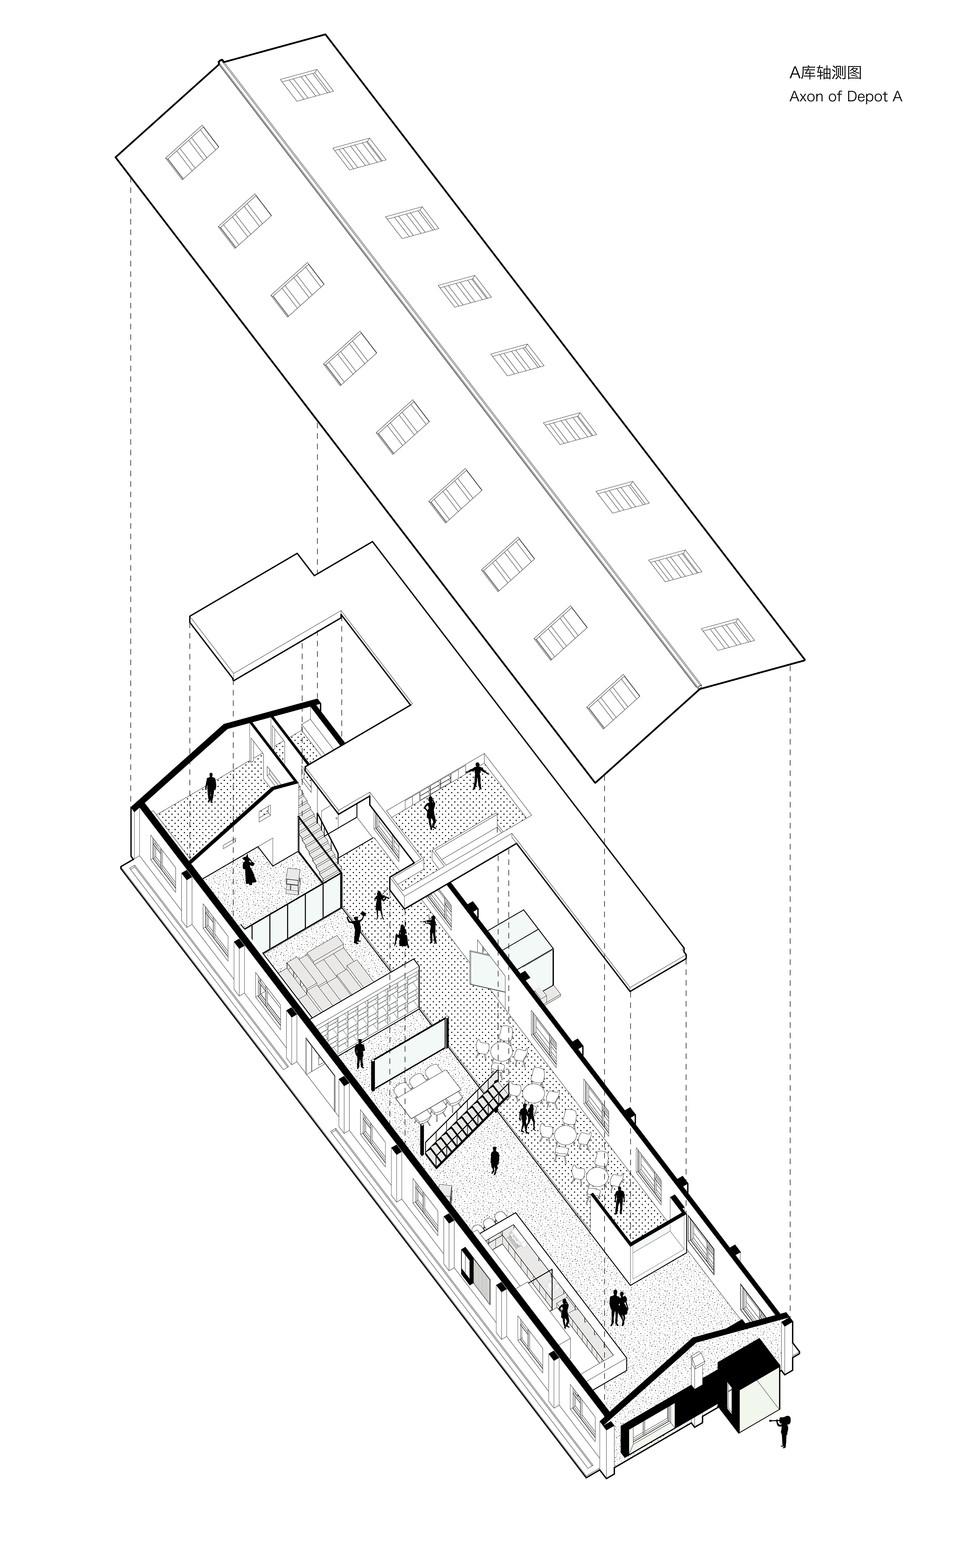 01_a-axon-of-depot-a.jpg